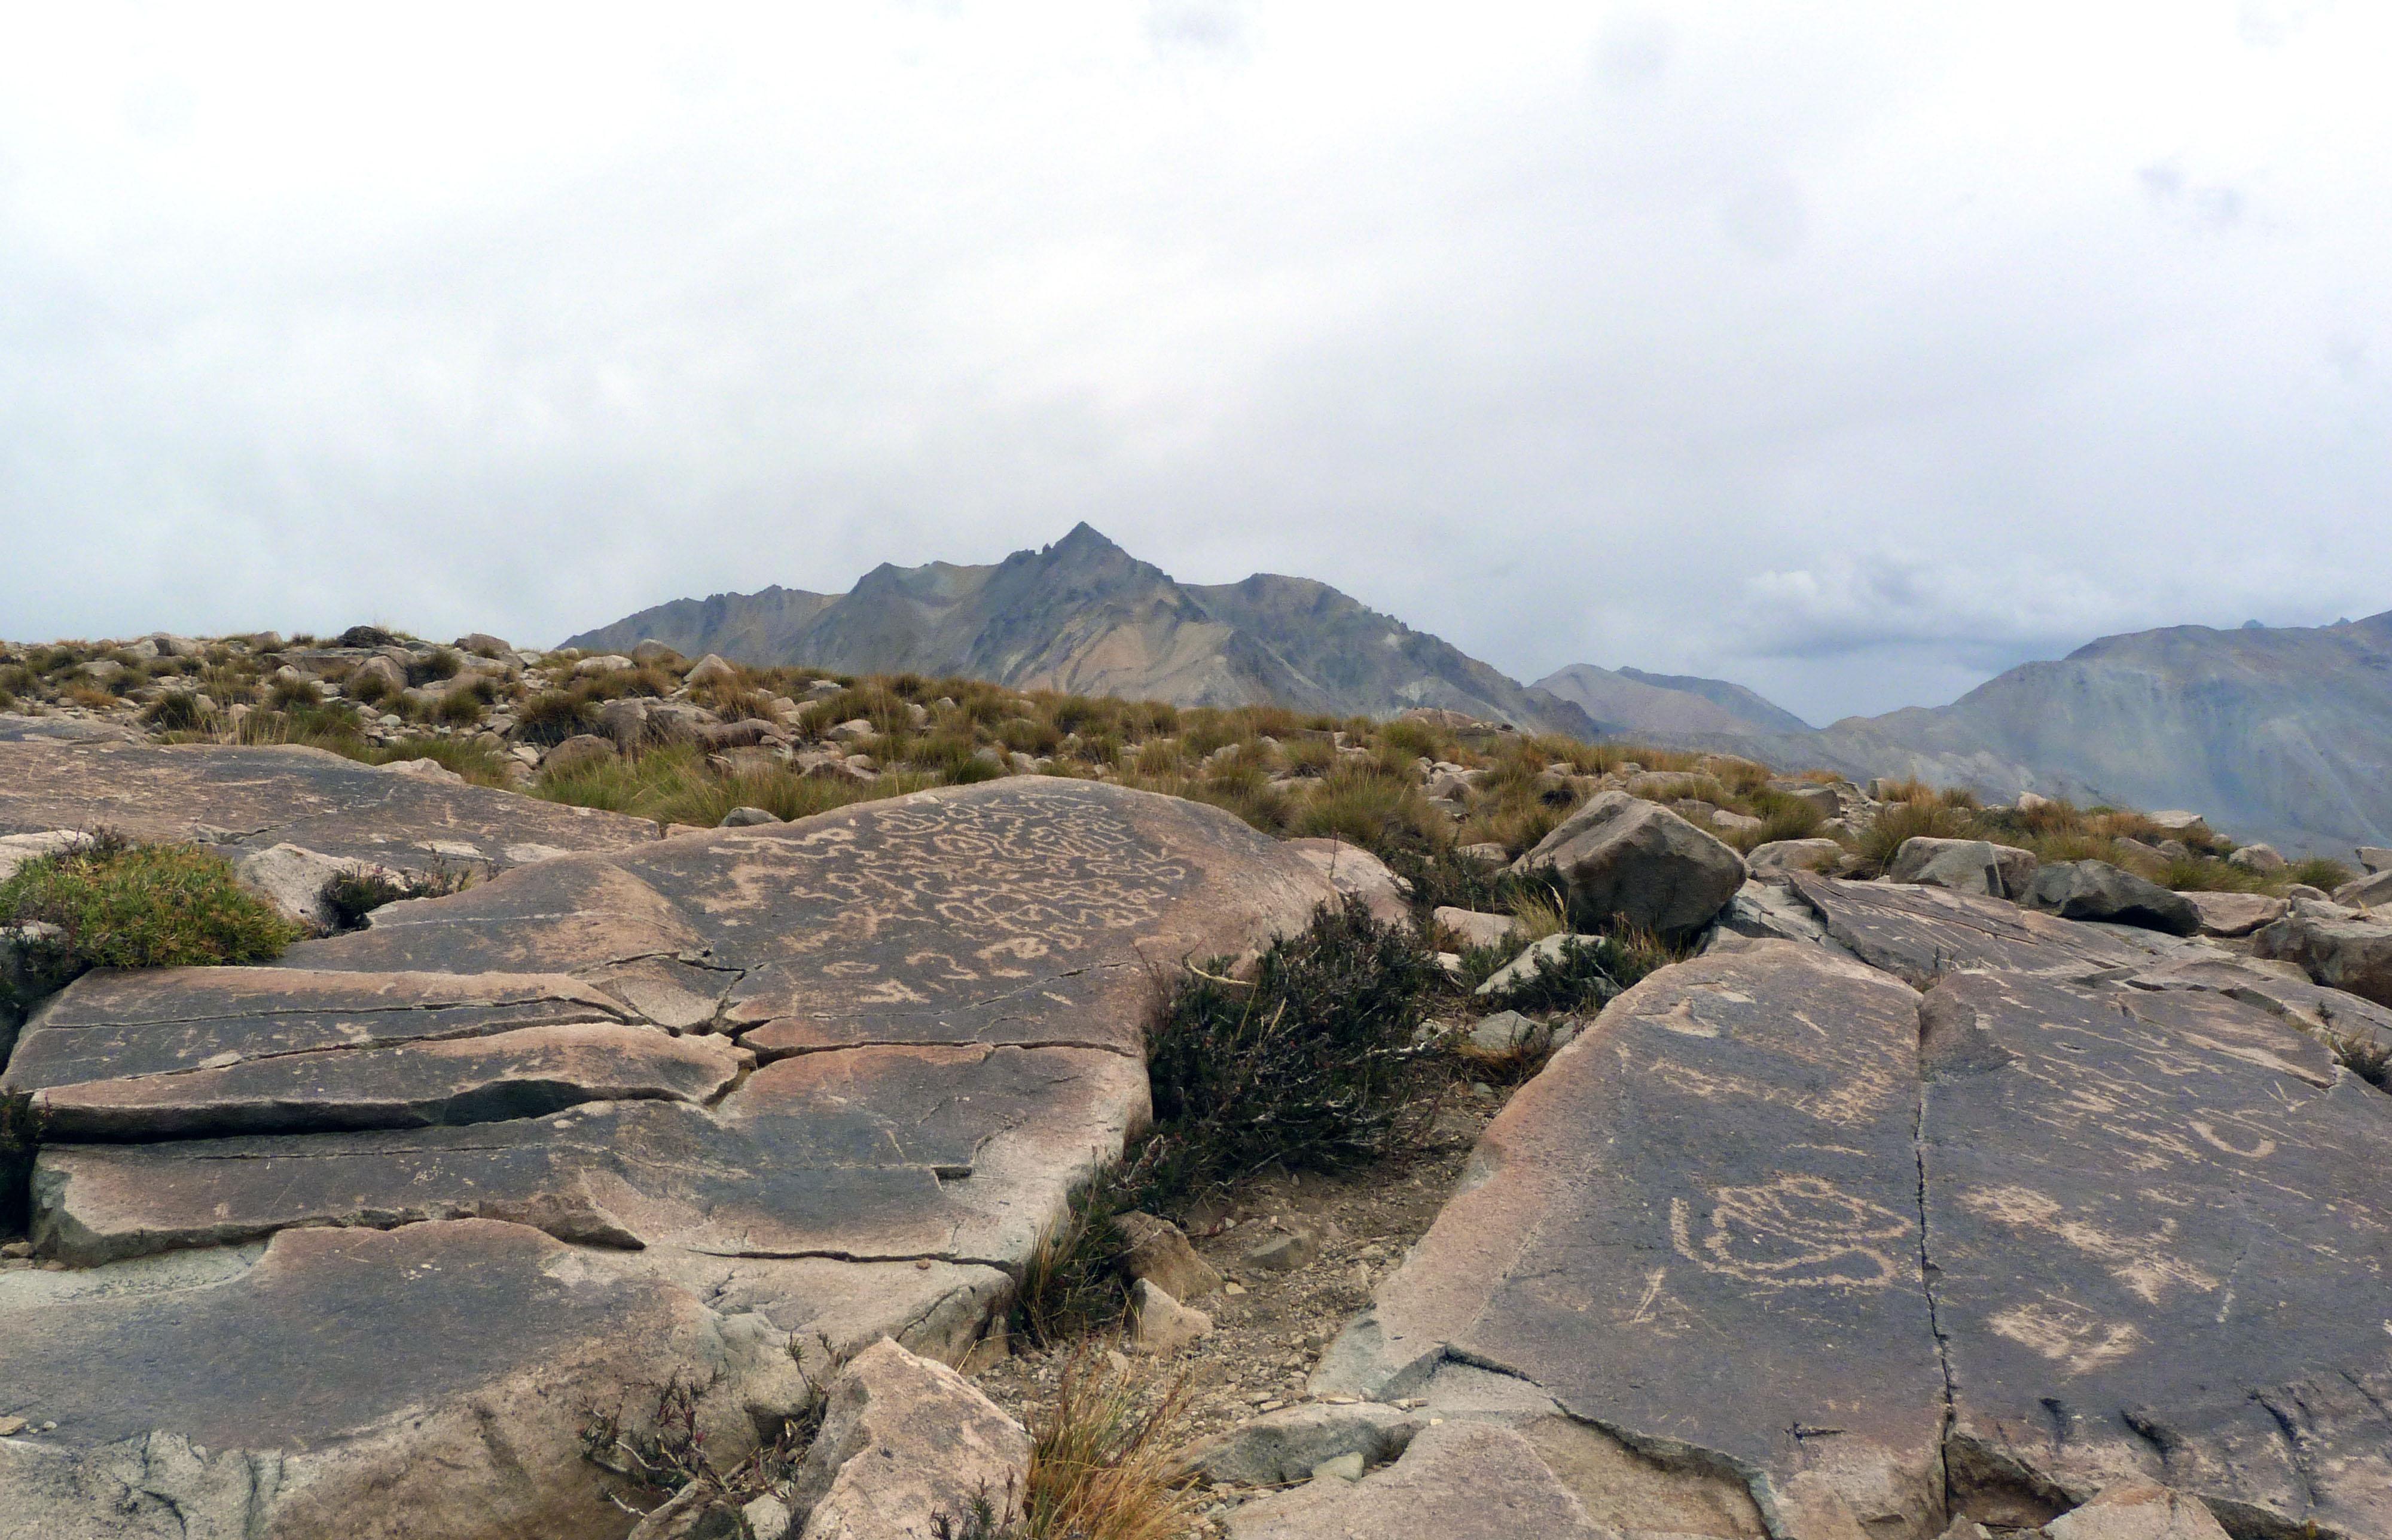 Vista de los grabados en primer plano y de su contexto paisajístico en segundo.